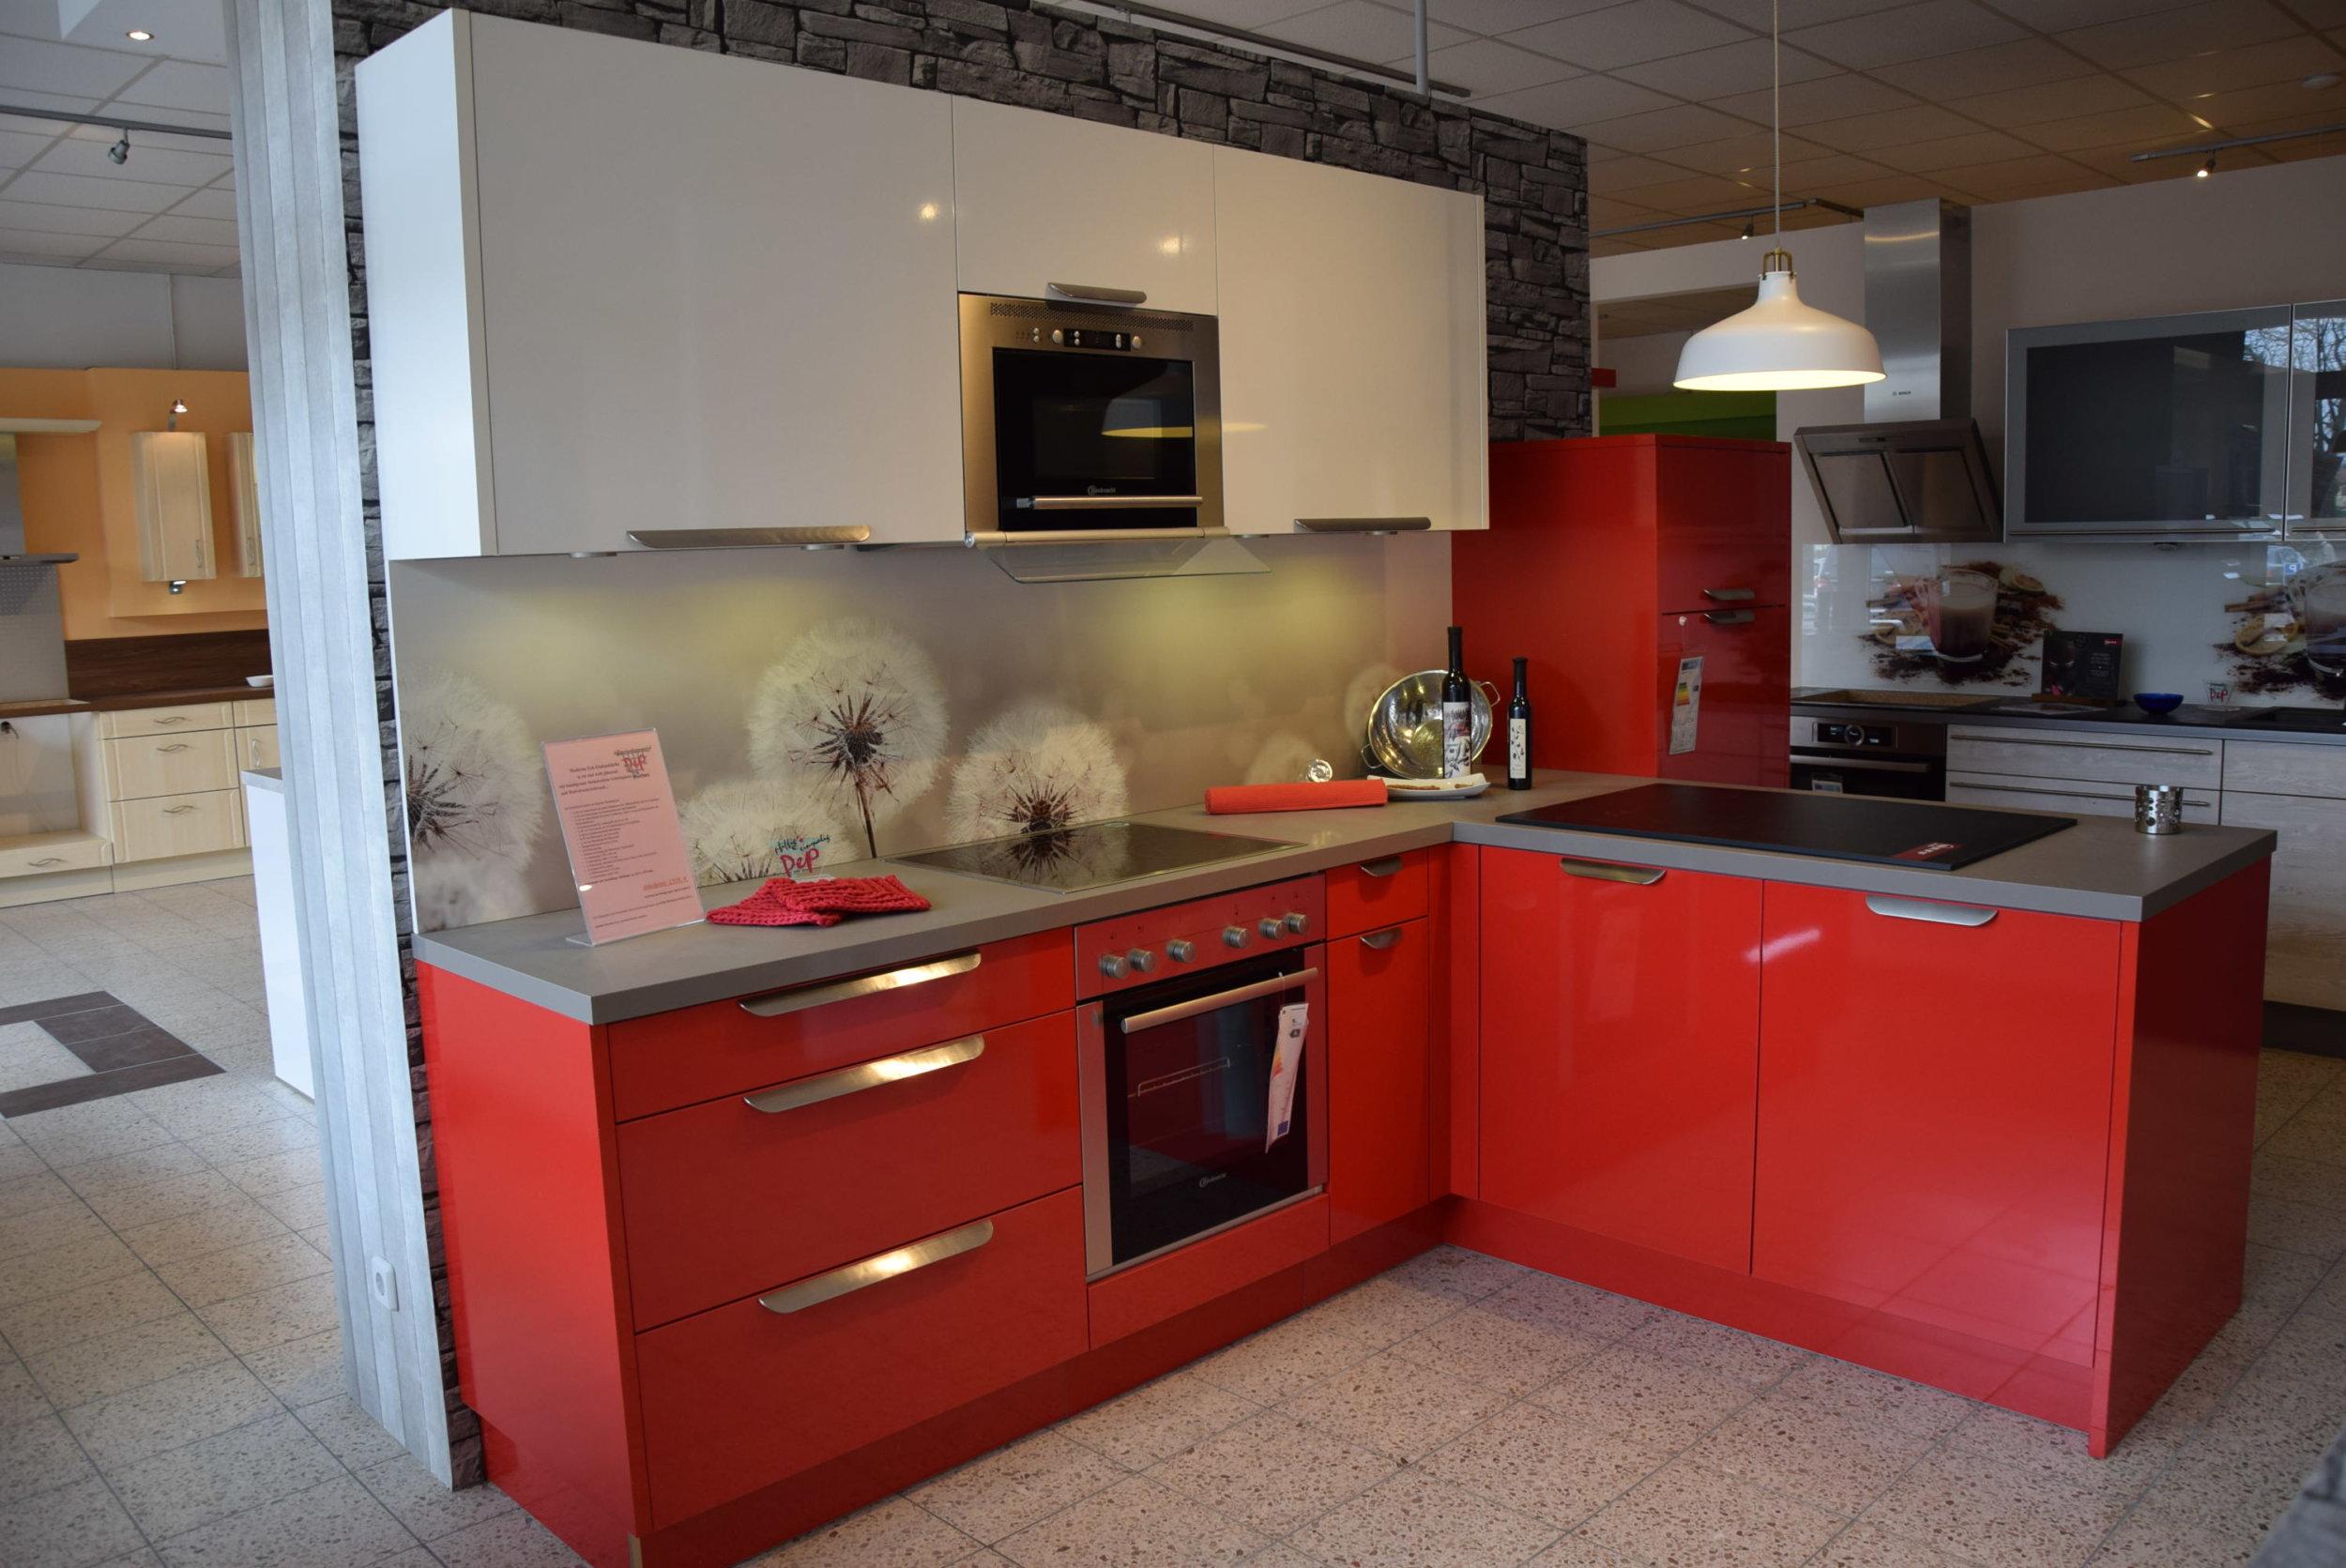 Full Size of Häcker Müllsystem Hcker L Kche Neo Rot Glnzend Kchen Gnstig Kaufen Küche Wohnzimmer Häcker Müllsystem